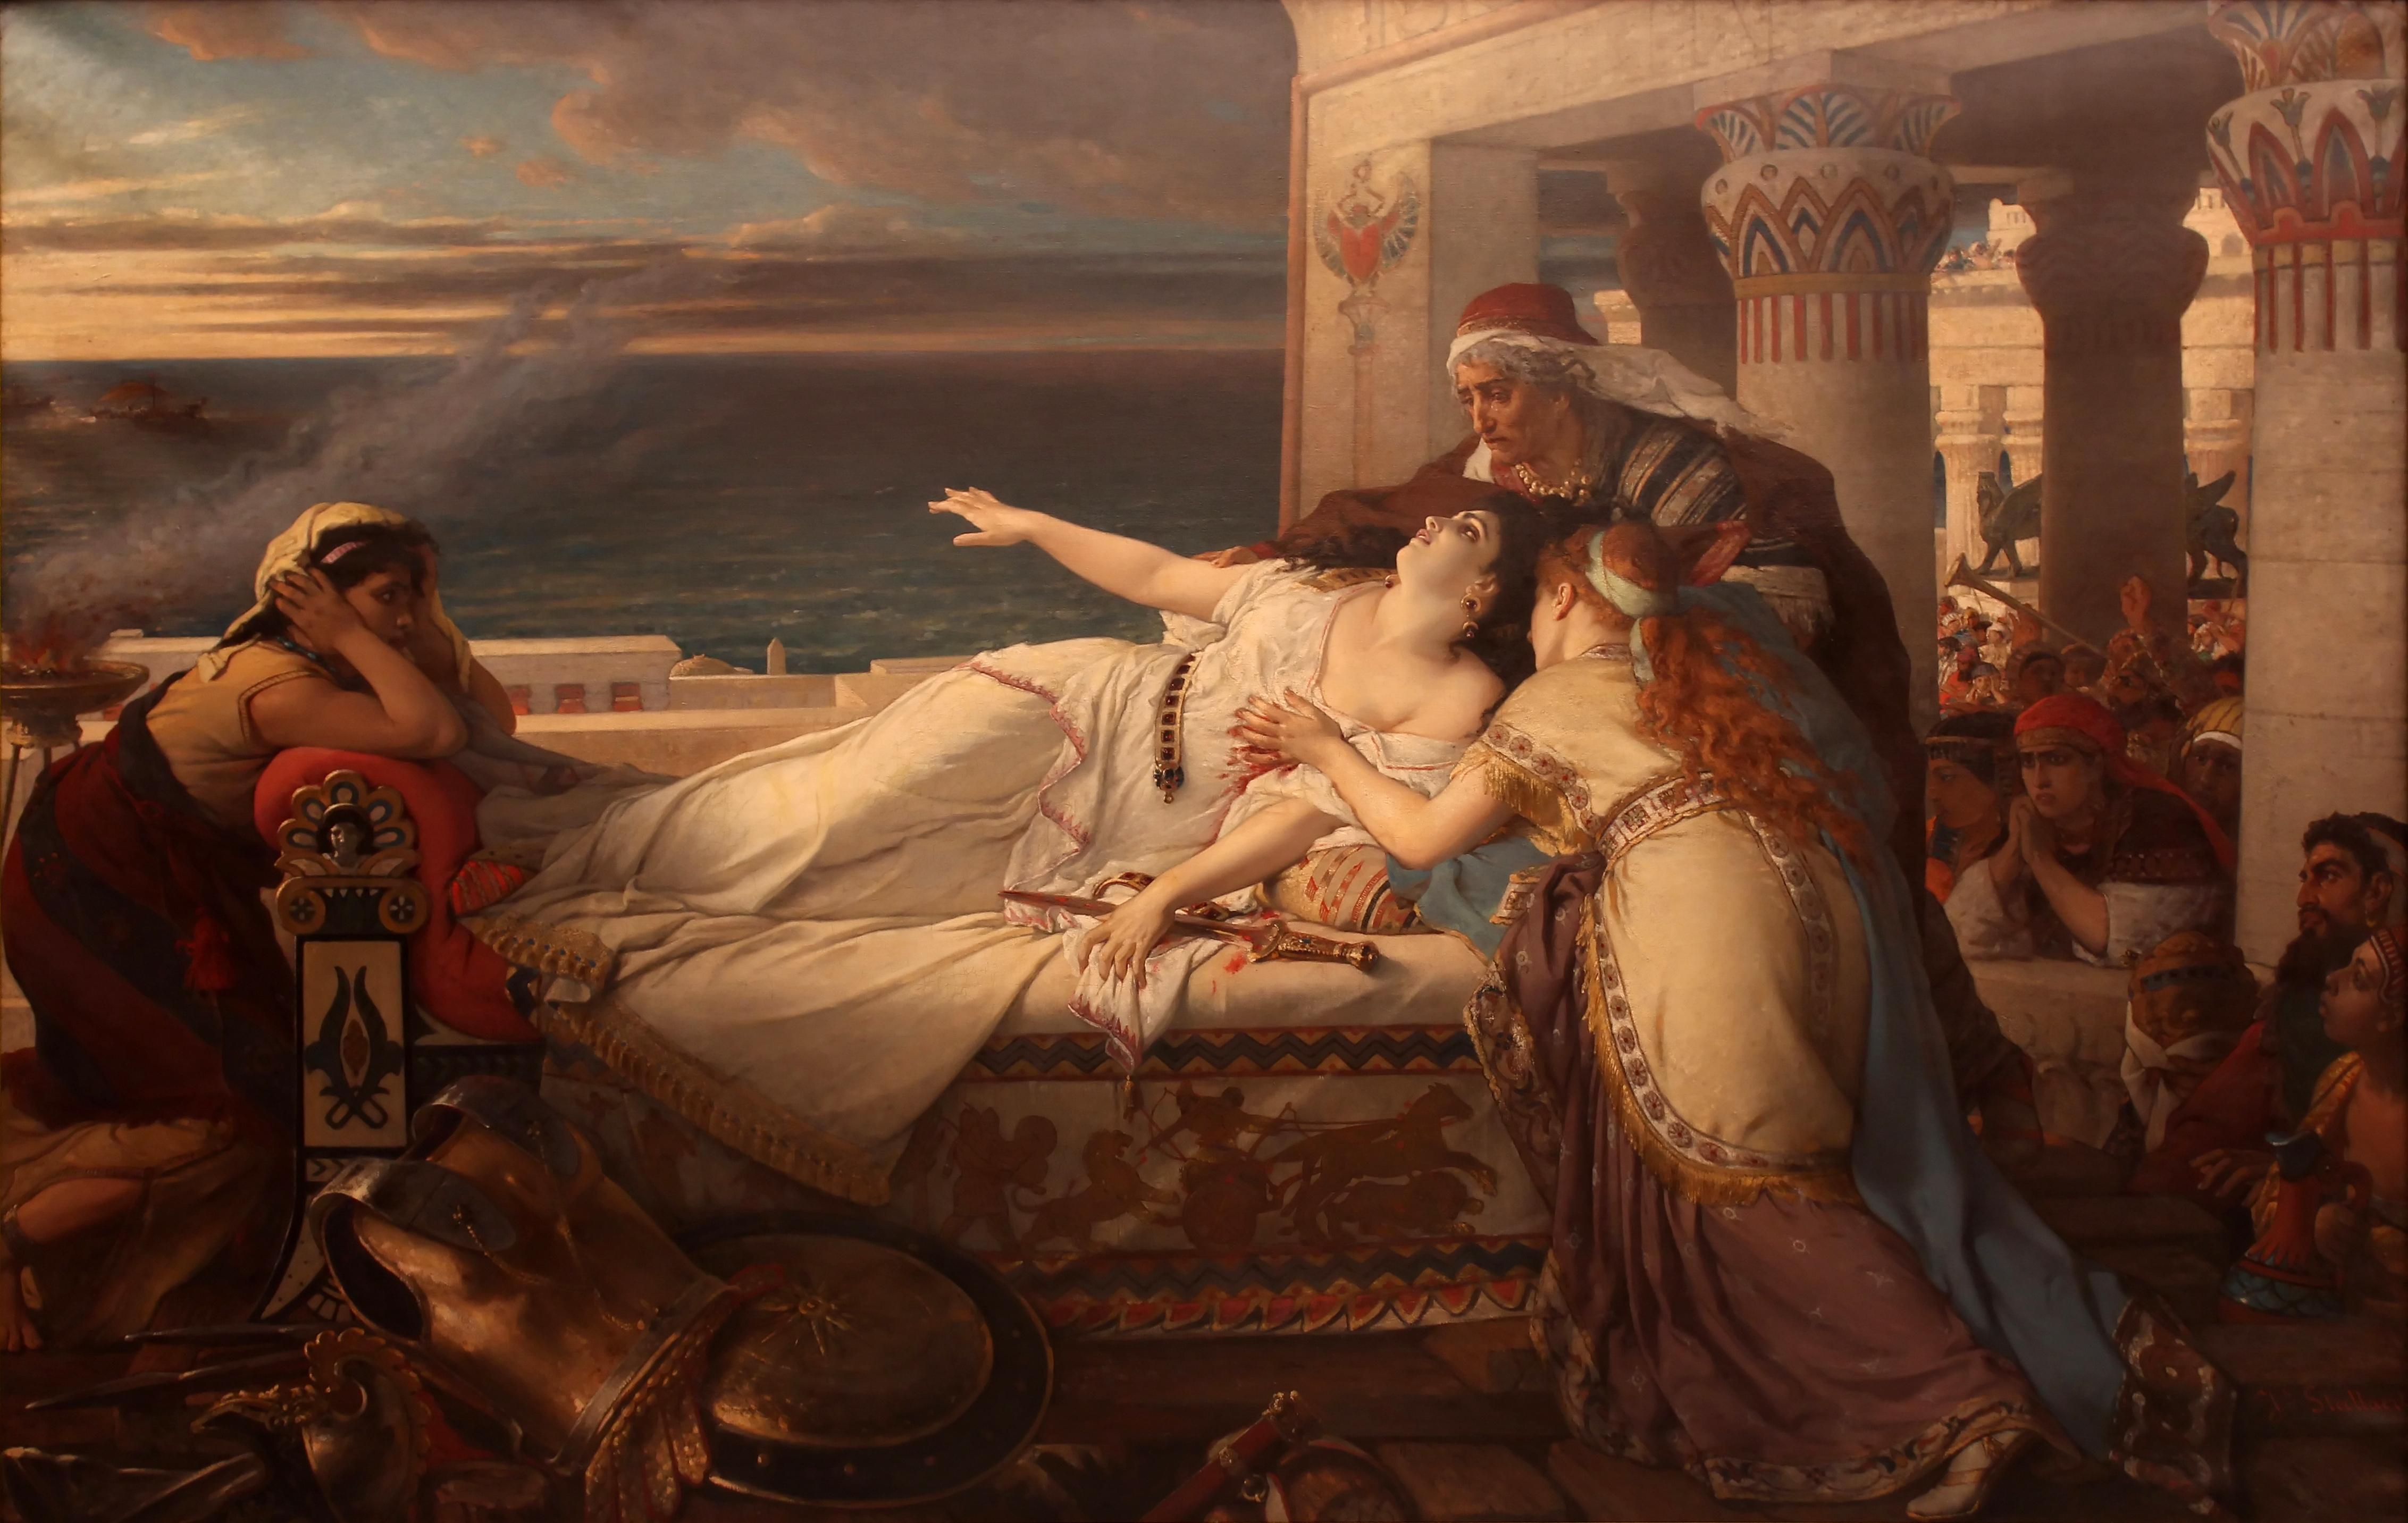 Joseph Stallaert, La mort de Didon